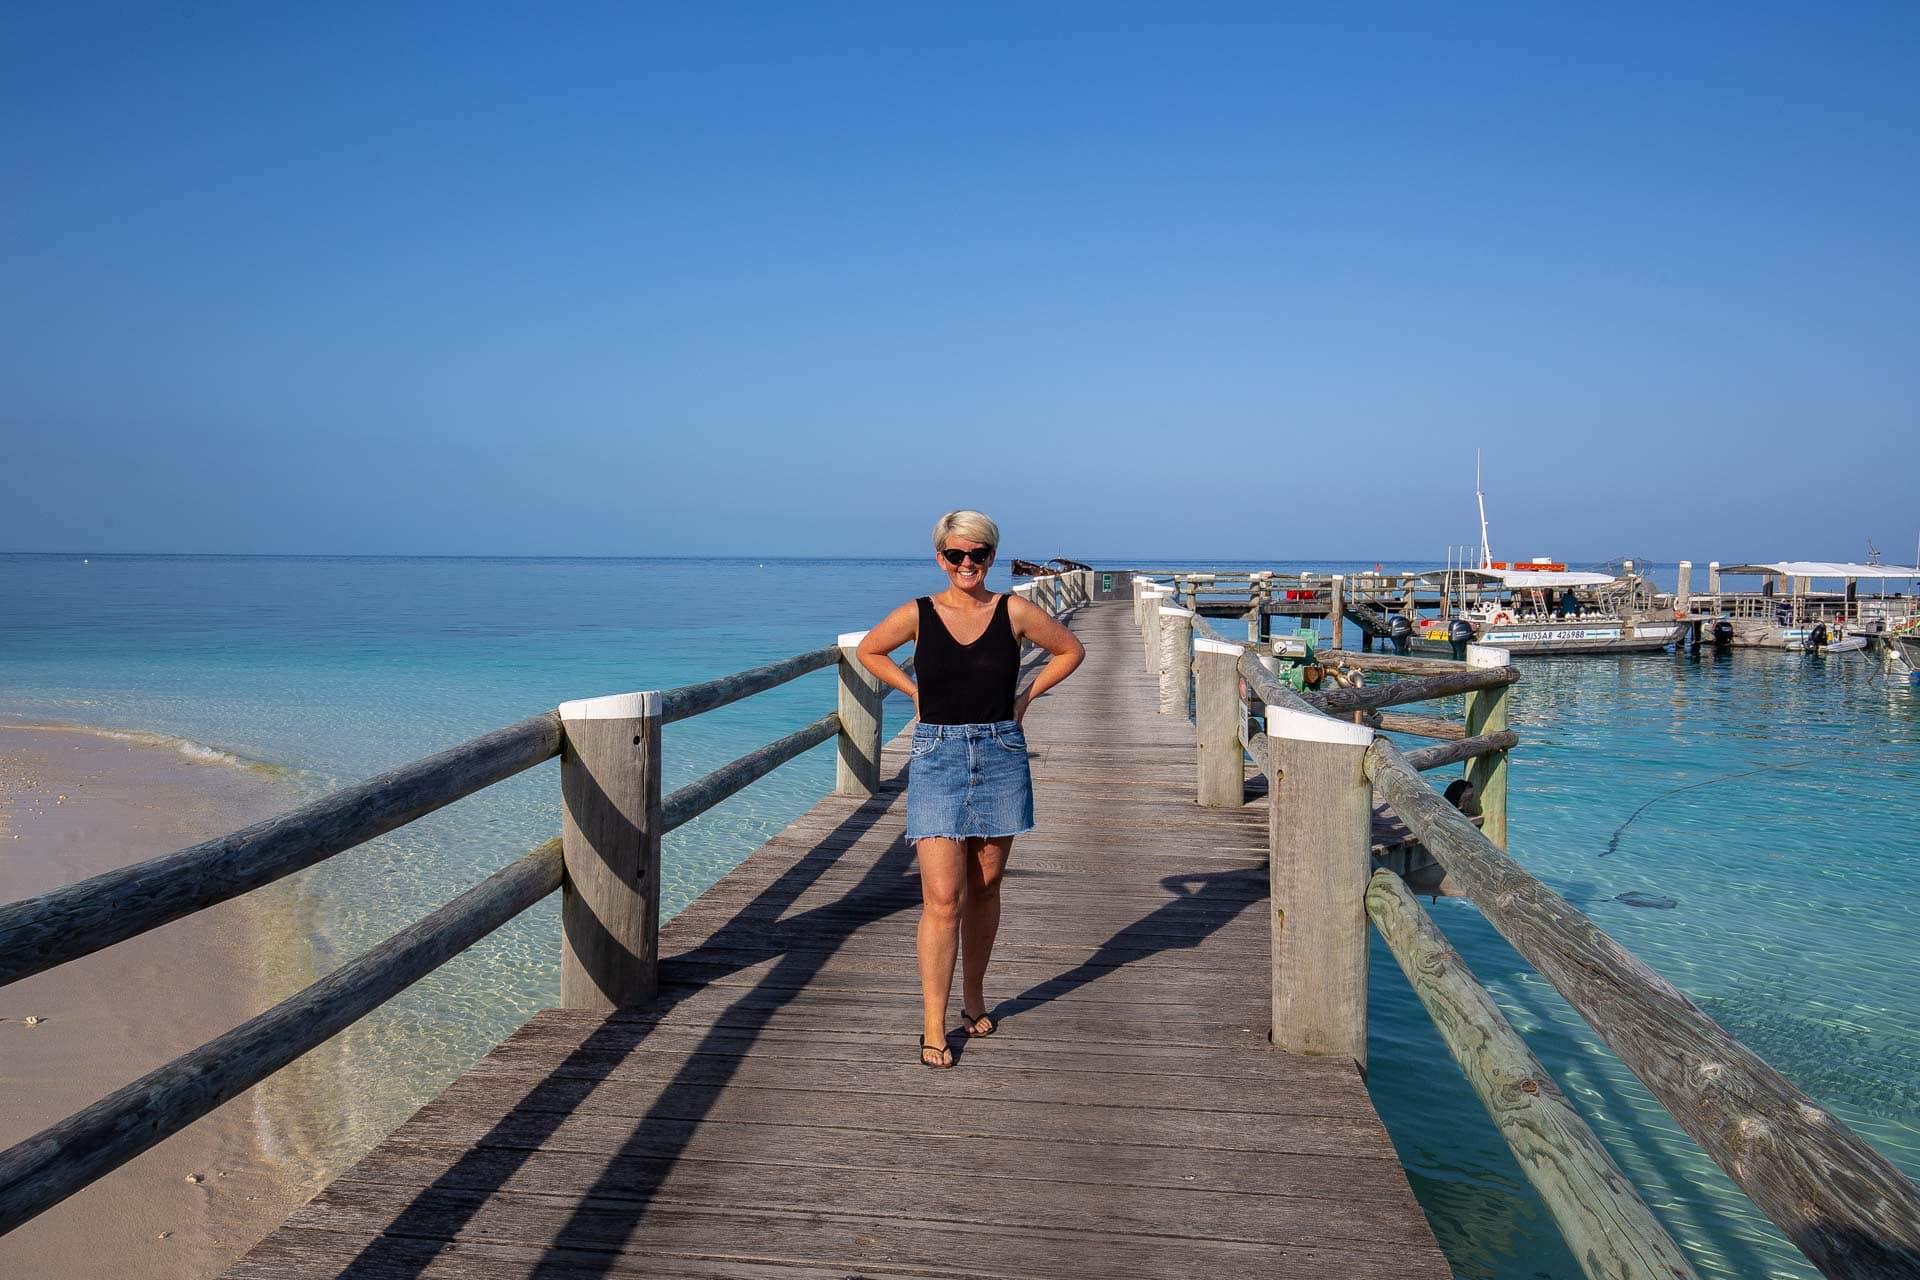 heron-island-great-barrier-reef-19